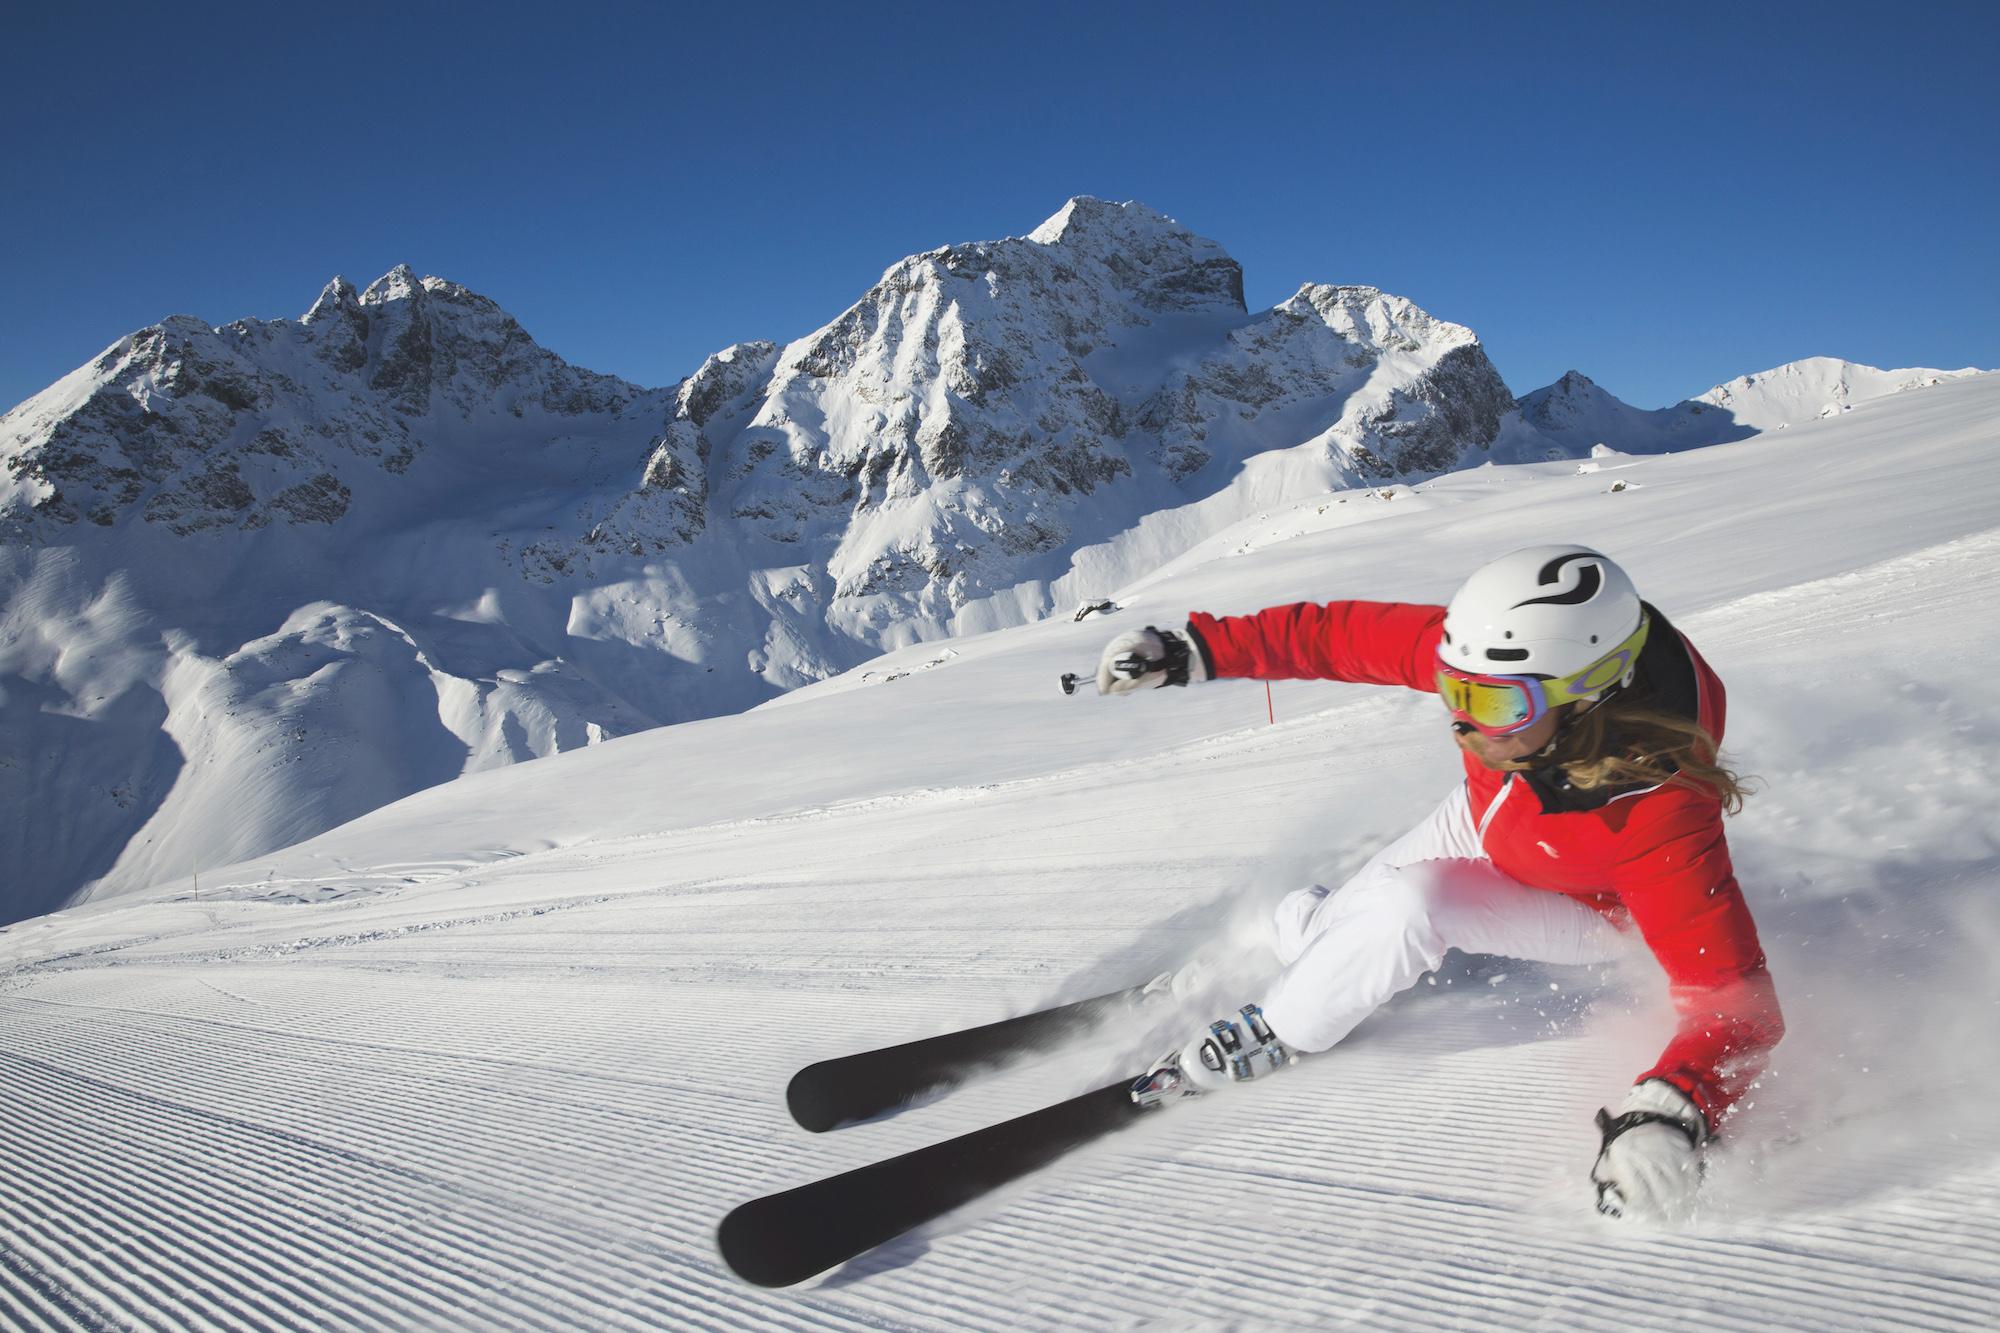 Una sciatrice durante la discesa